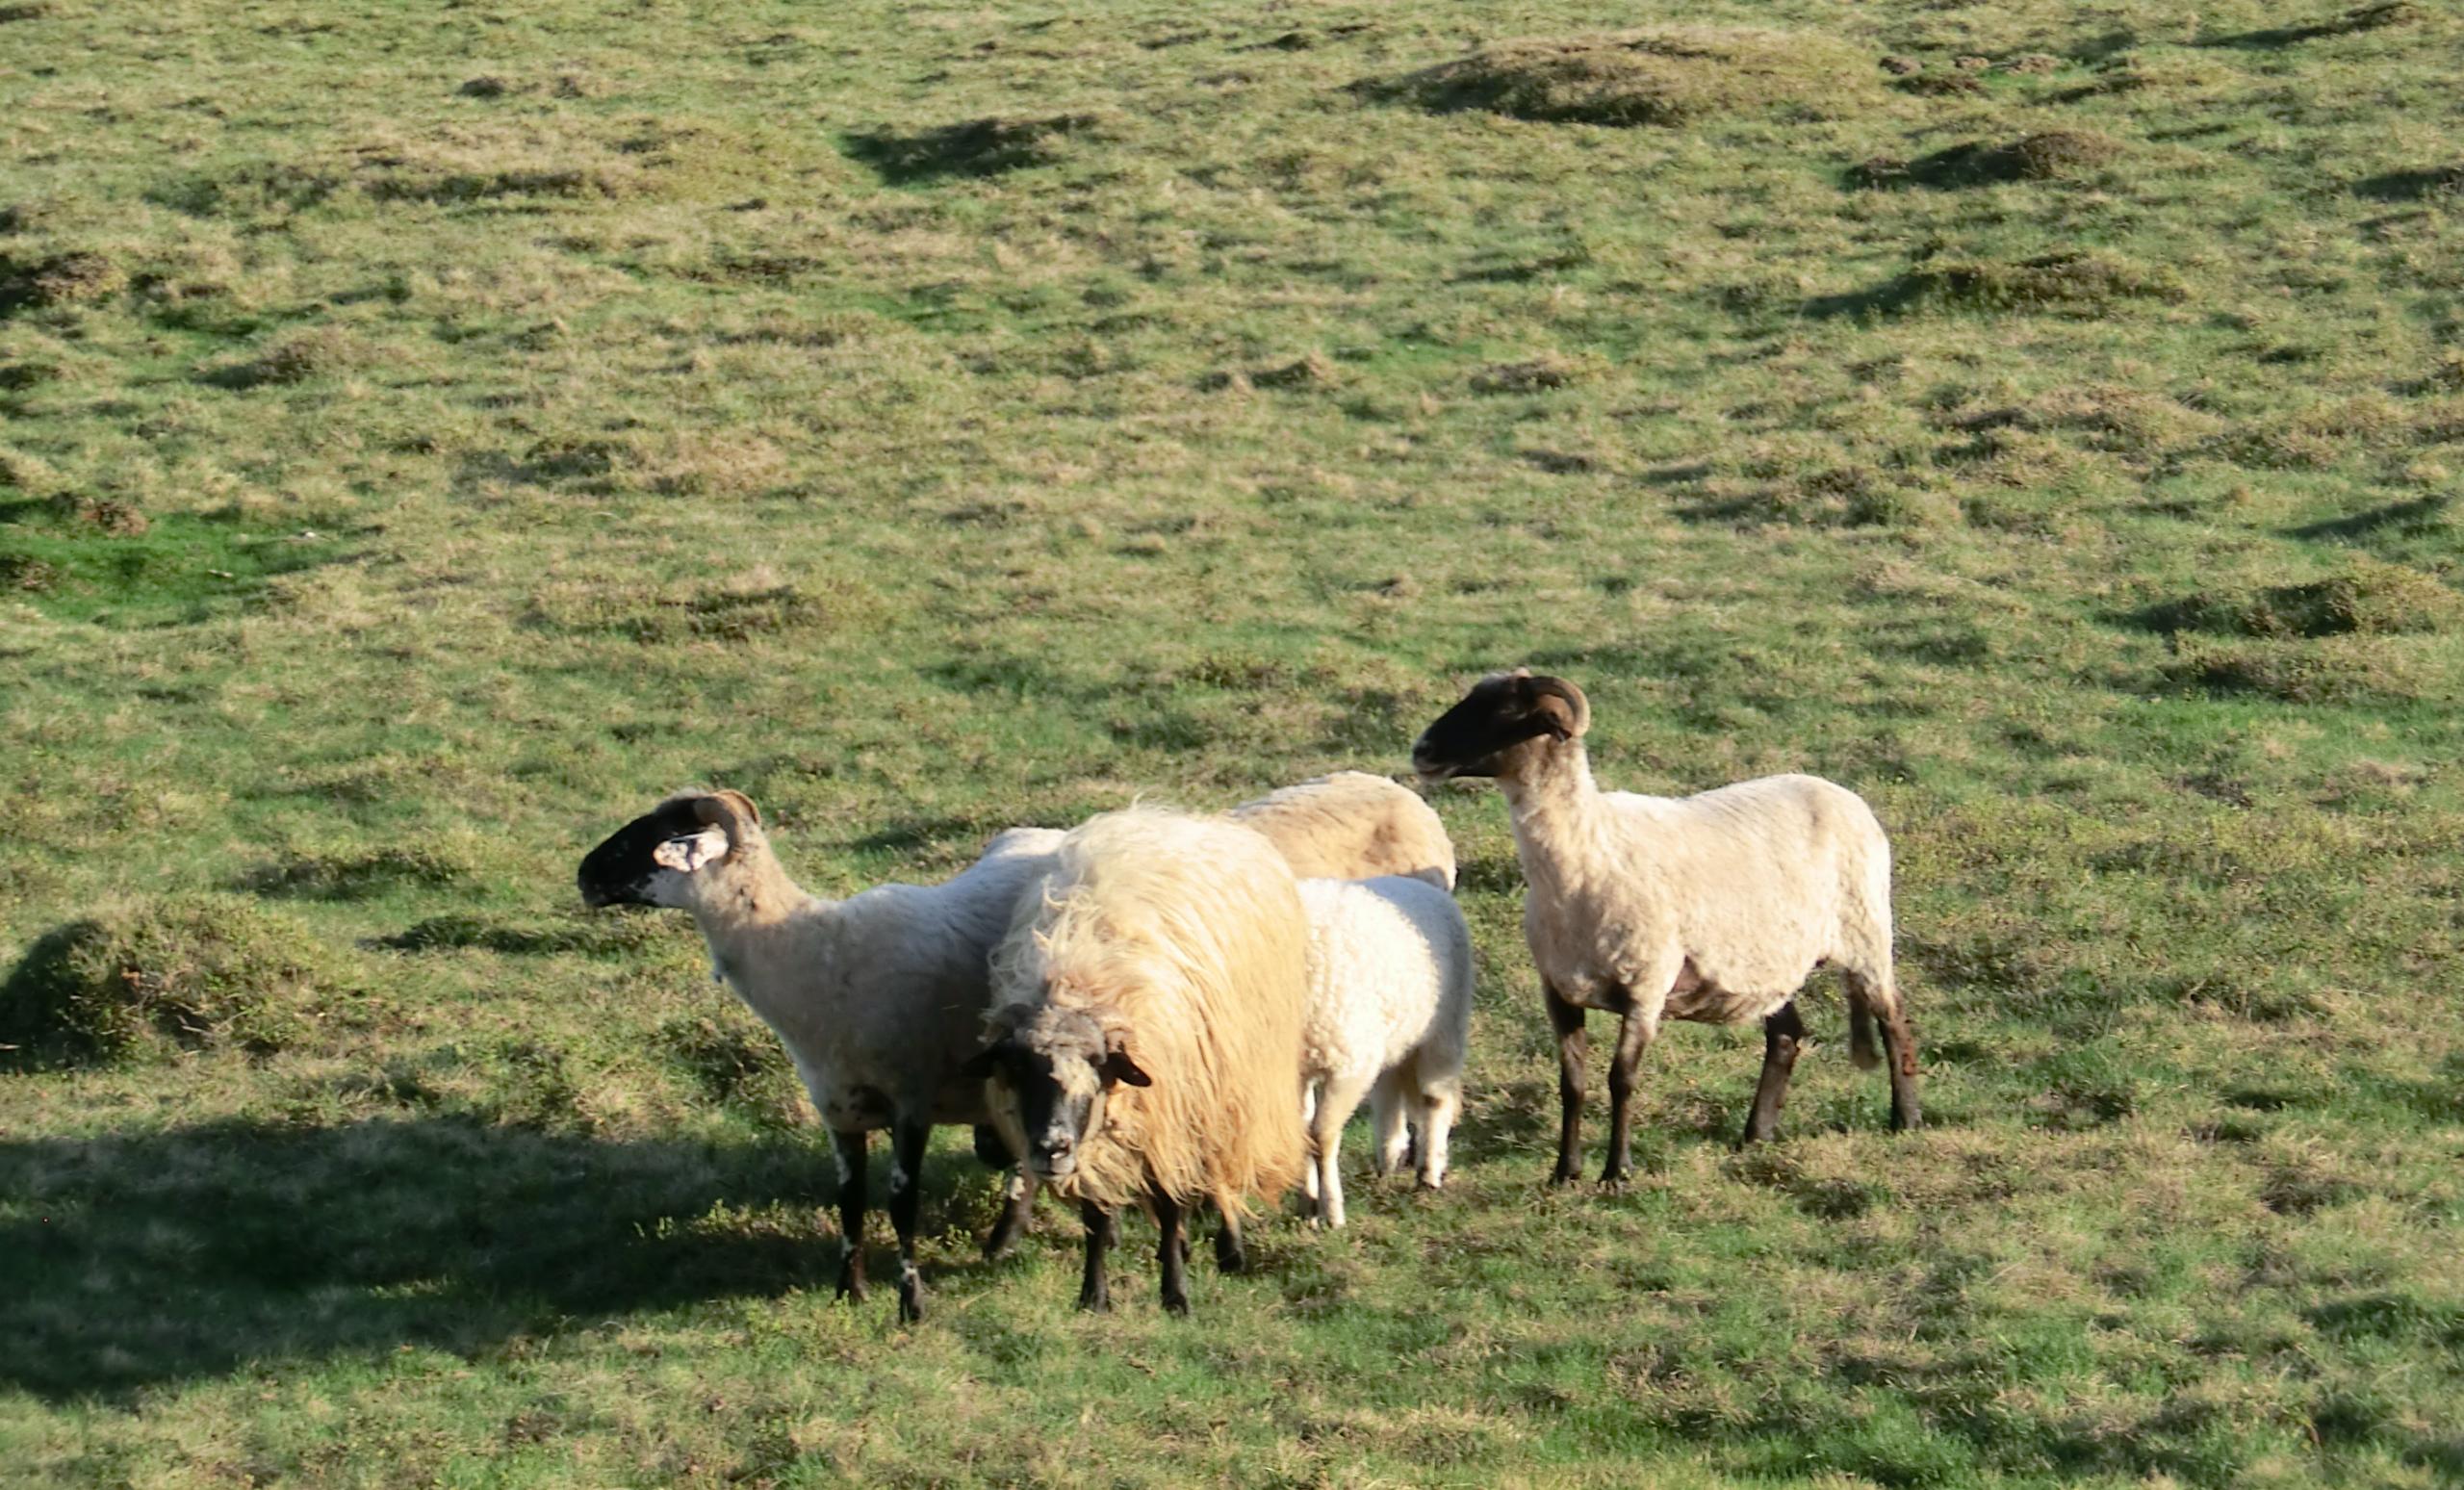 CIMG1323 - Cele 5 oiţe care ne-au supravegheat cortul.